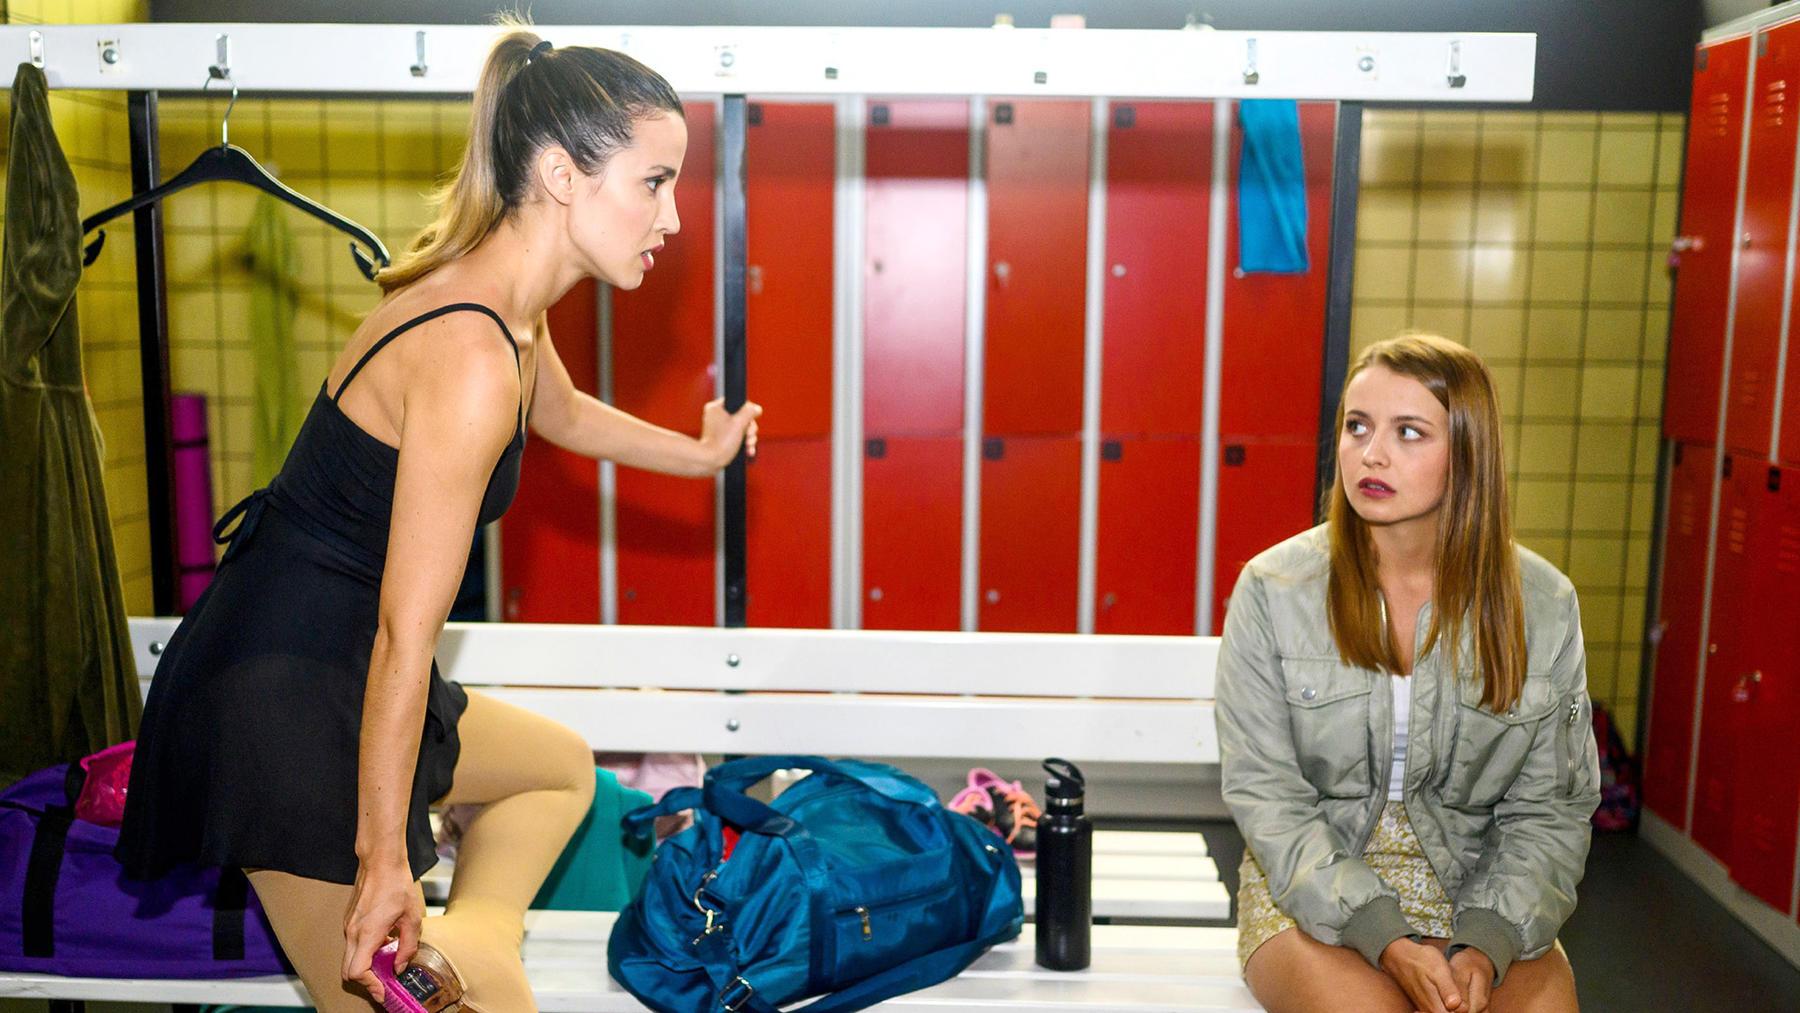 Moritz und Chiaras Plan erleben einen Rückschlag